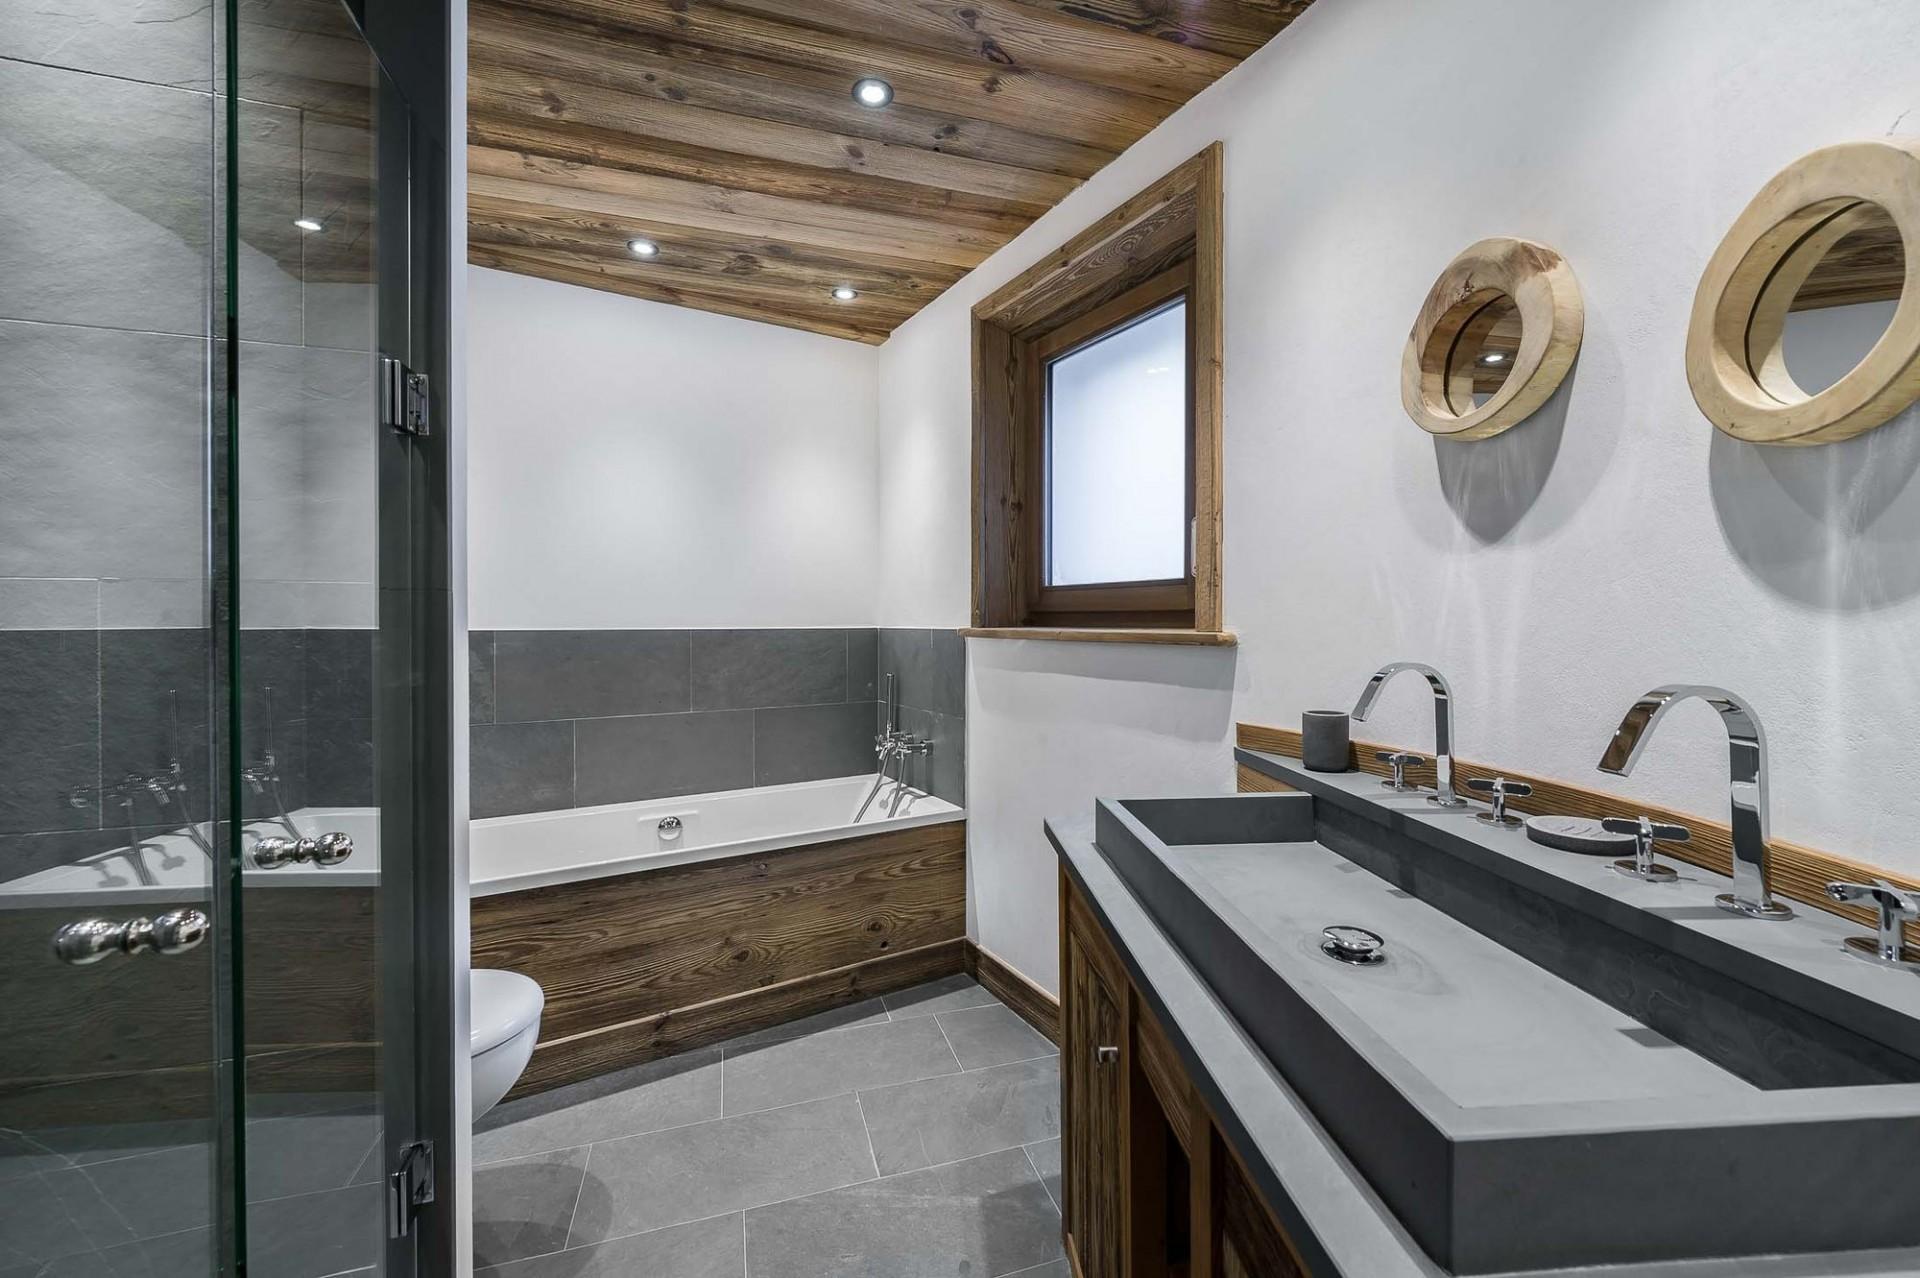 Val d'Isère Location Appartement Luxe Ulilite Salle De Bain 2